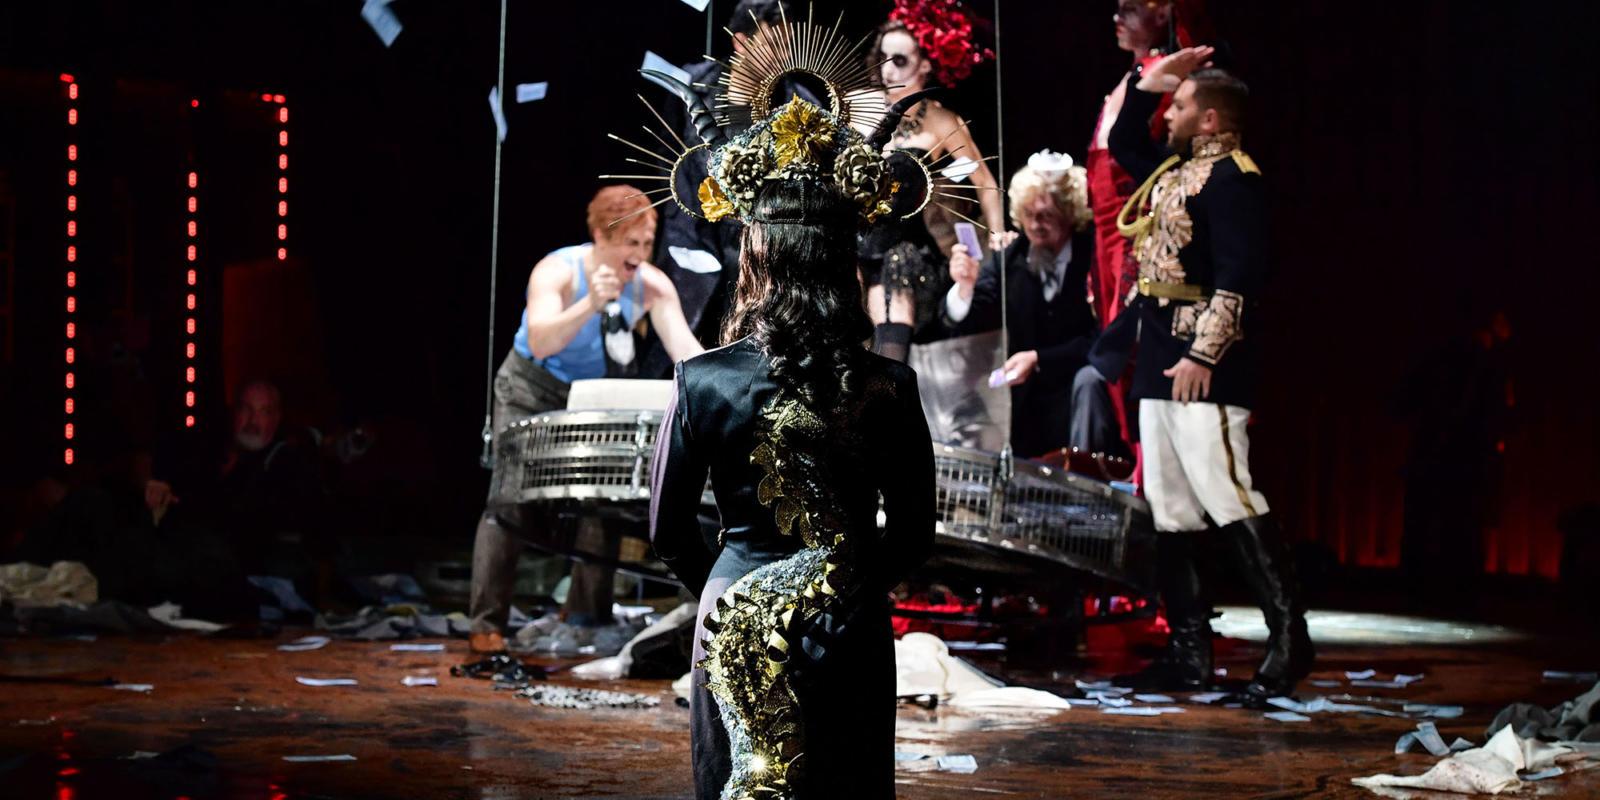 La-traviata_Winters-®-Sandra-Then-3